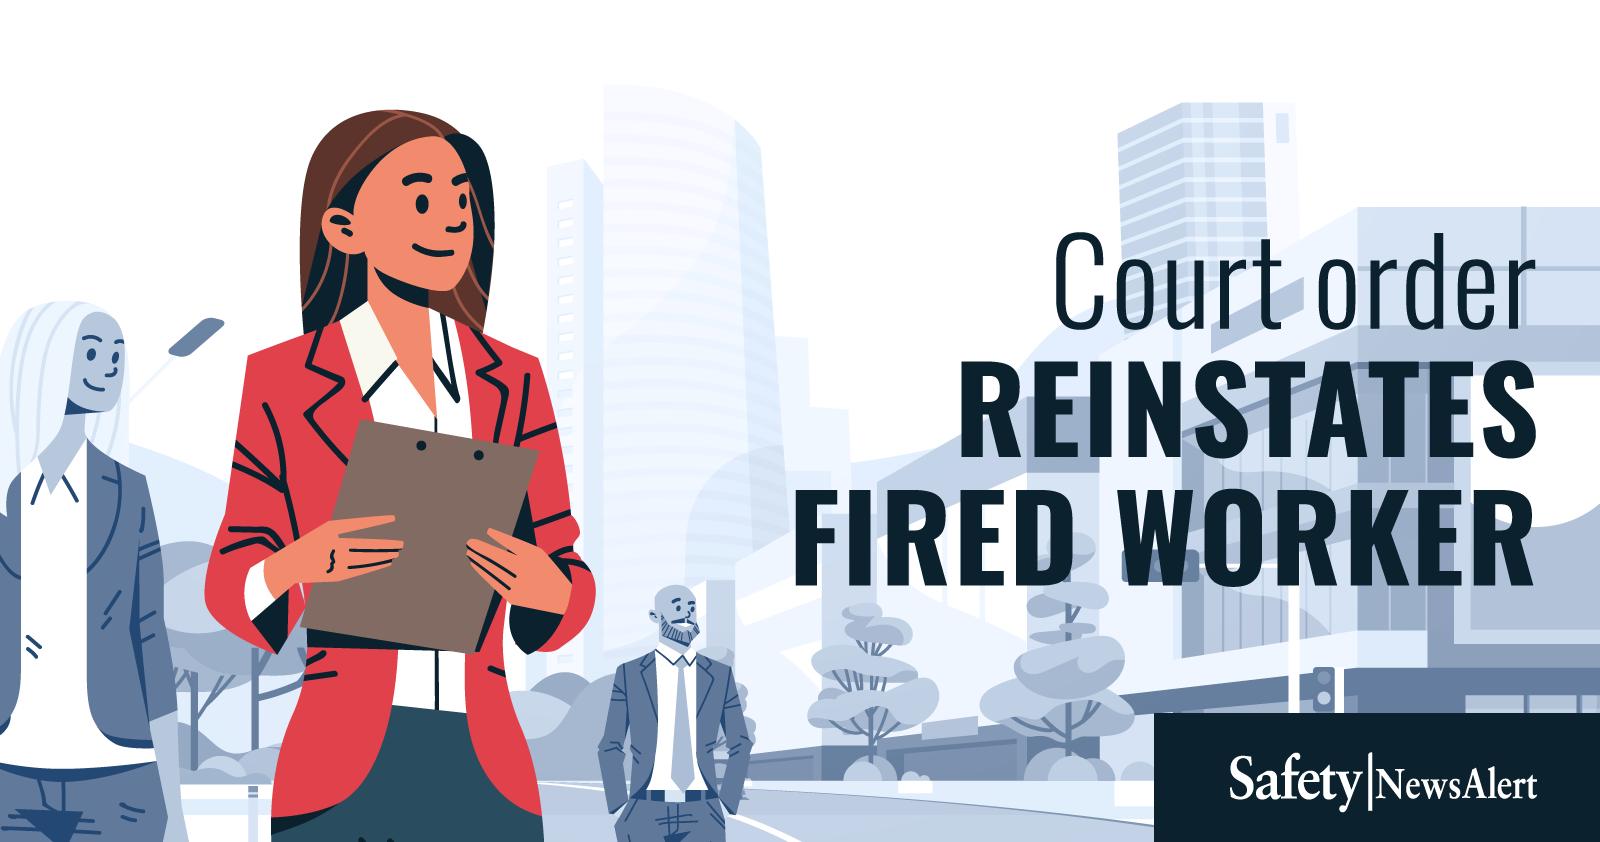 court order reinstates fired worker